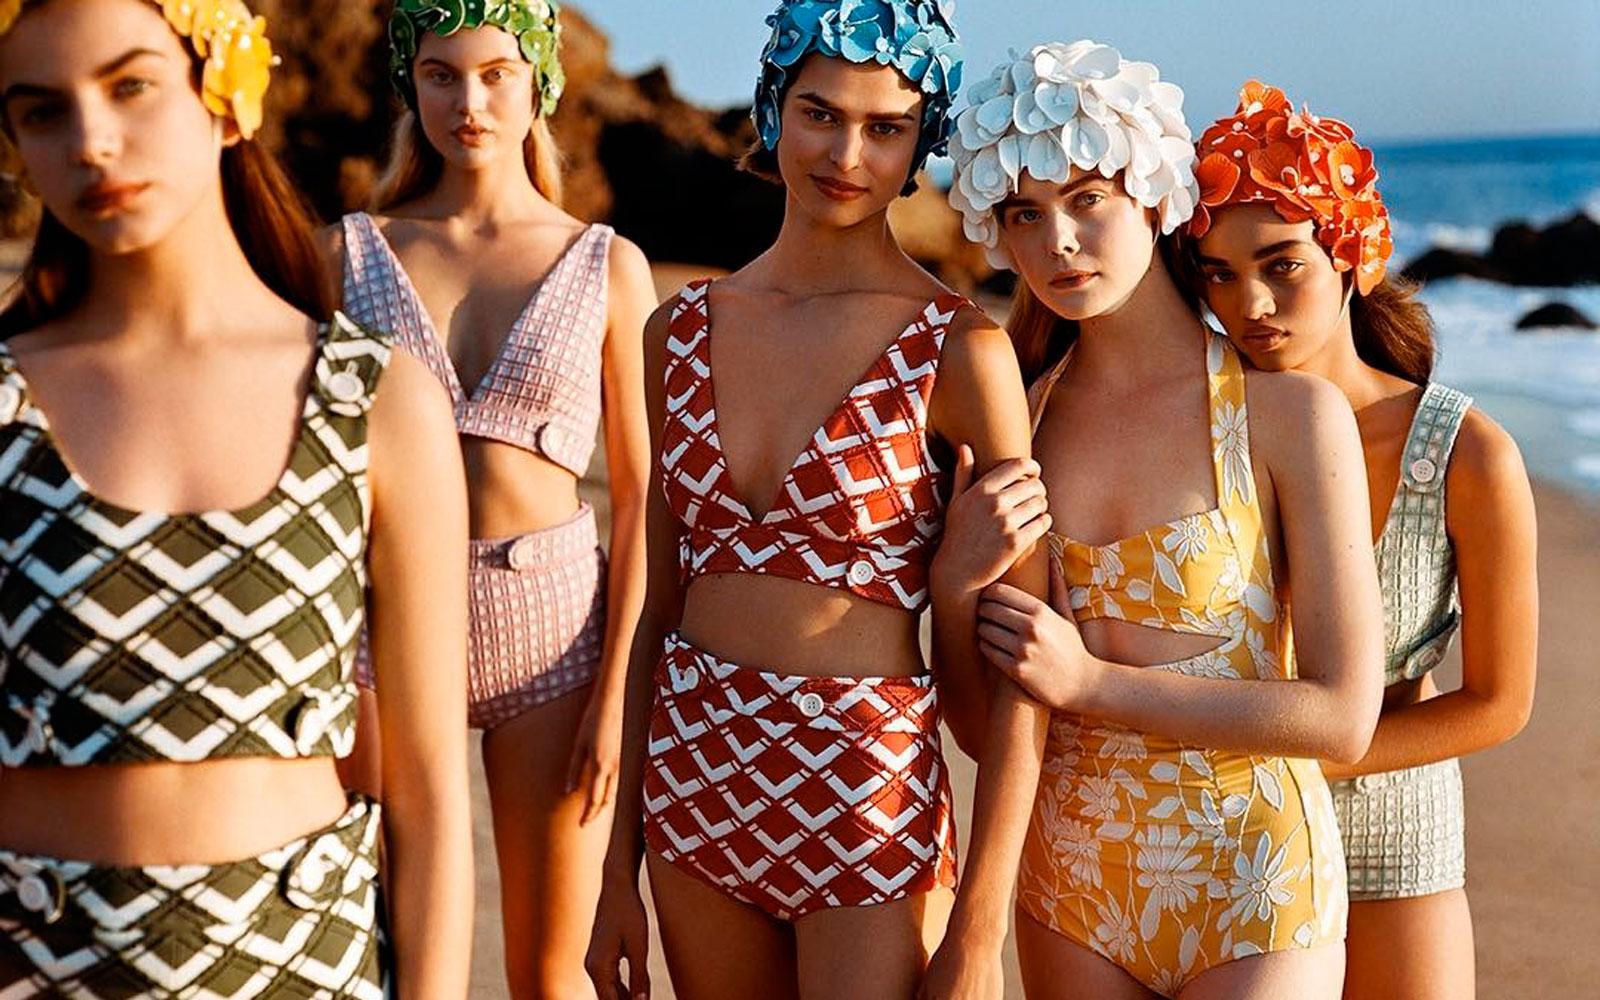 Sognare Costume Da Bagno Rosso : Trend estate costumi da bagno dal sapore rétro silhouette